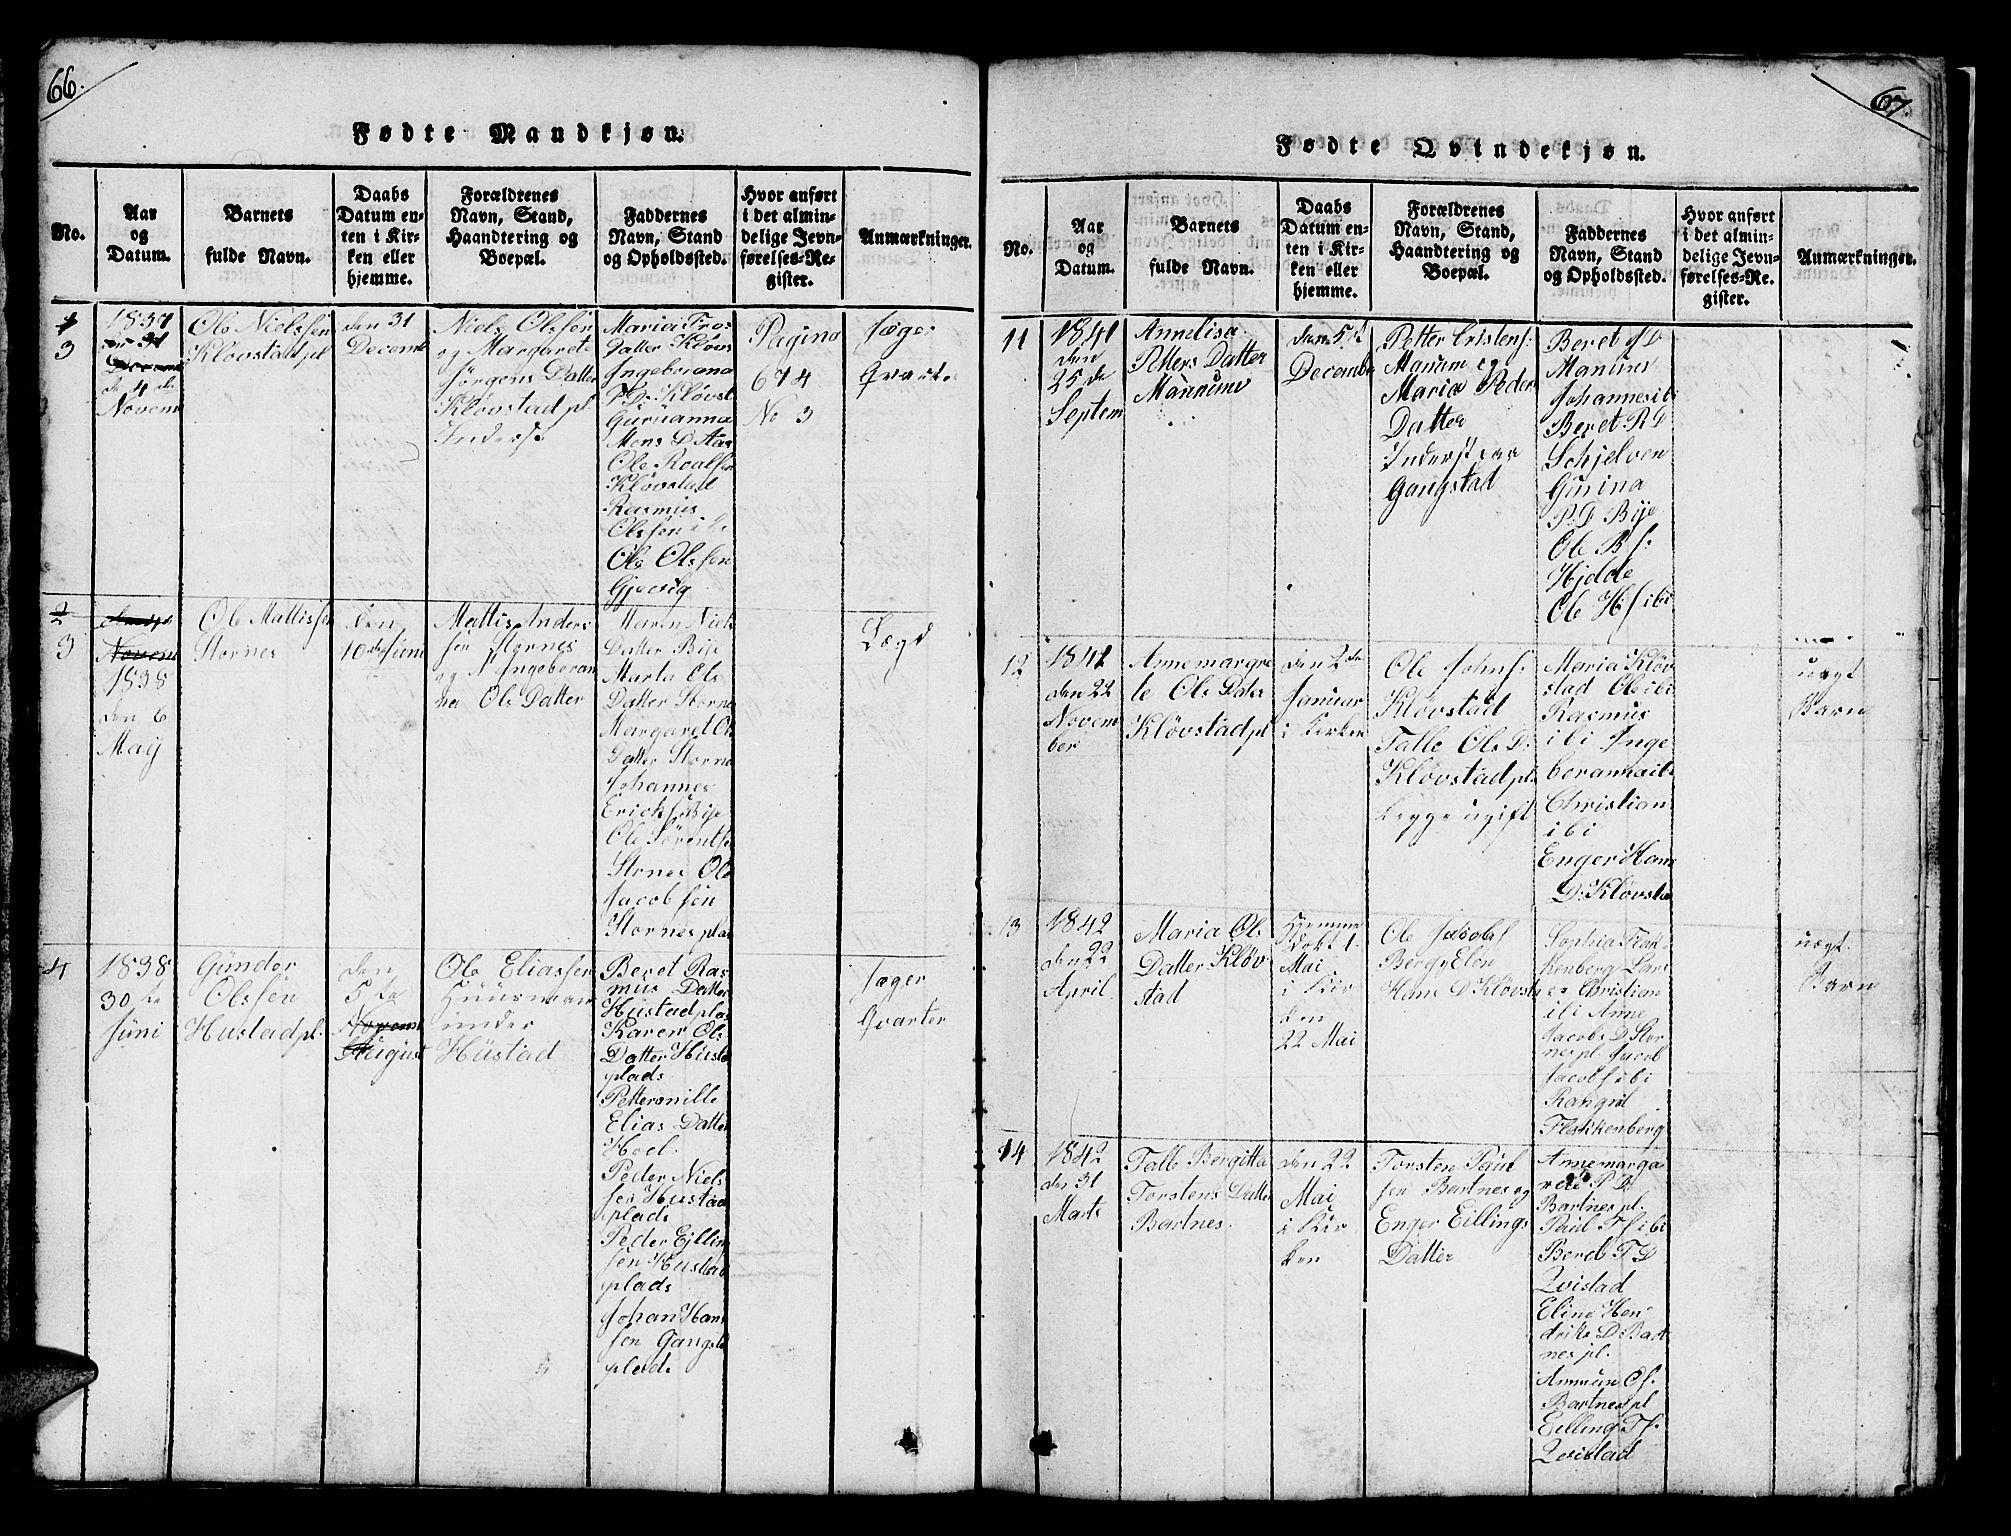 SAT, Ministerialprotokoller, klokkerbøker og fødselsregistre - Nord-Trøndelag, 732/L0317: Klokkerbok nr. 732C01, 1816-1881, s. 66-67